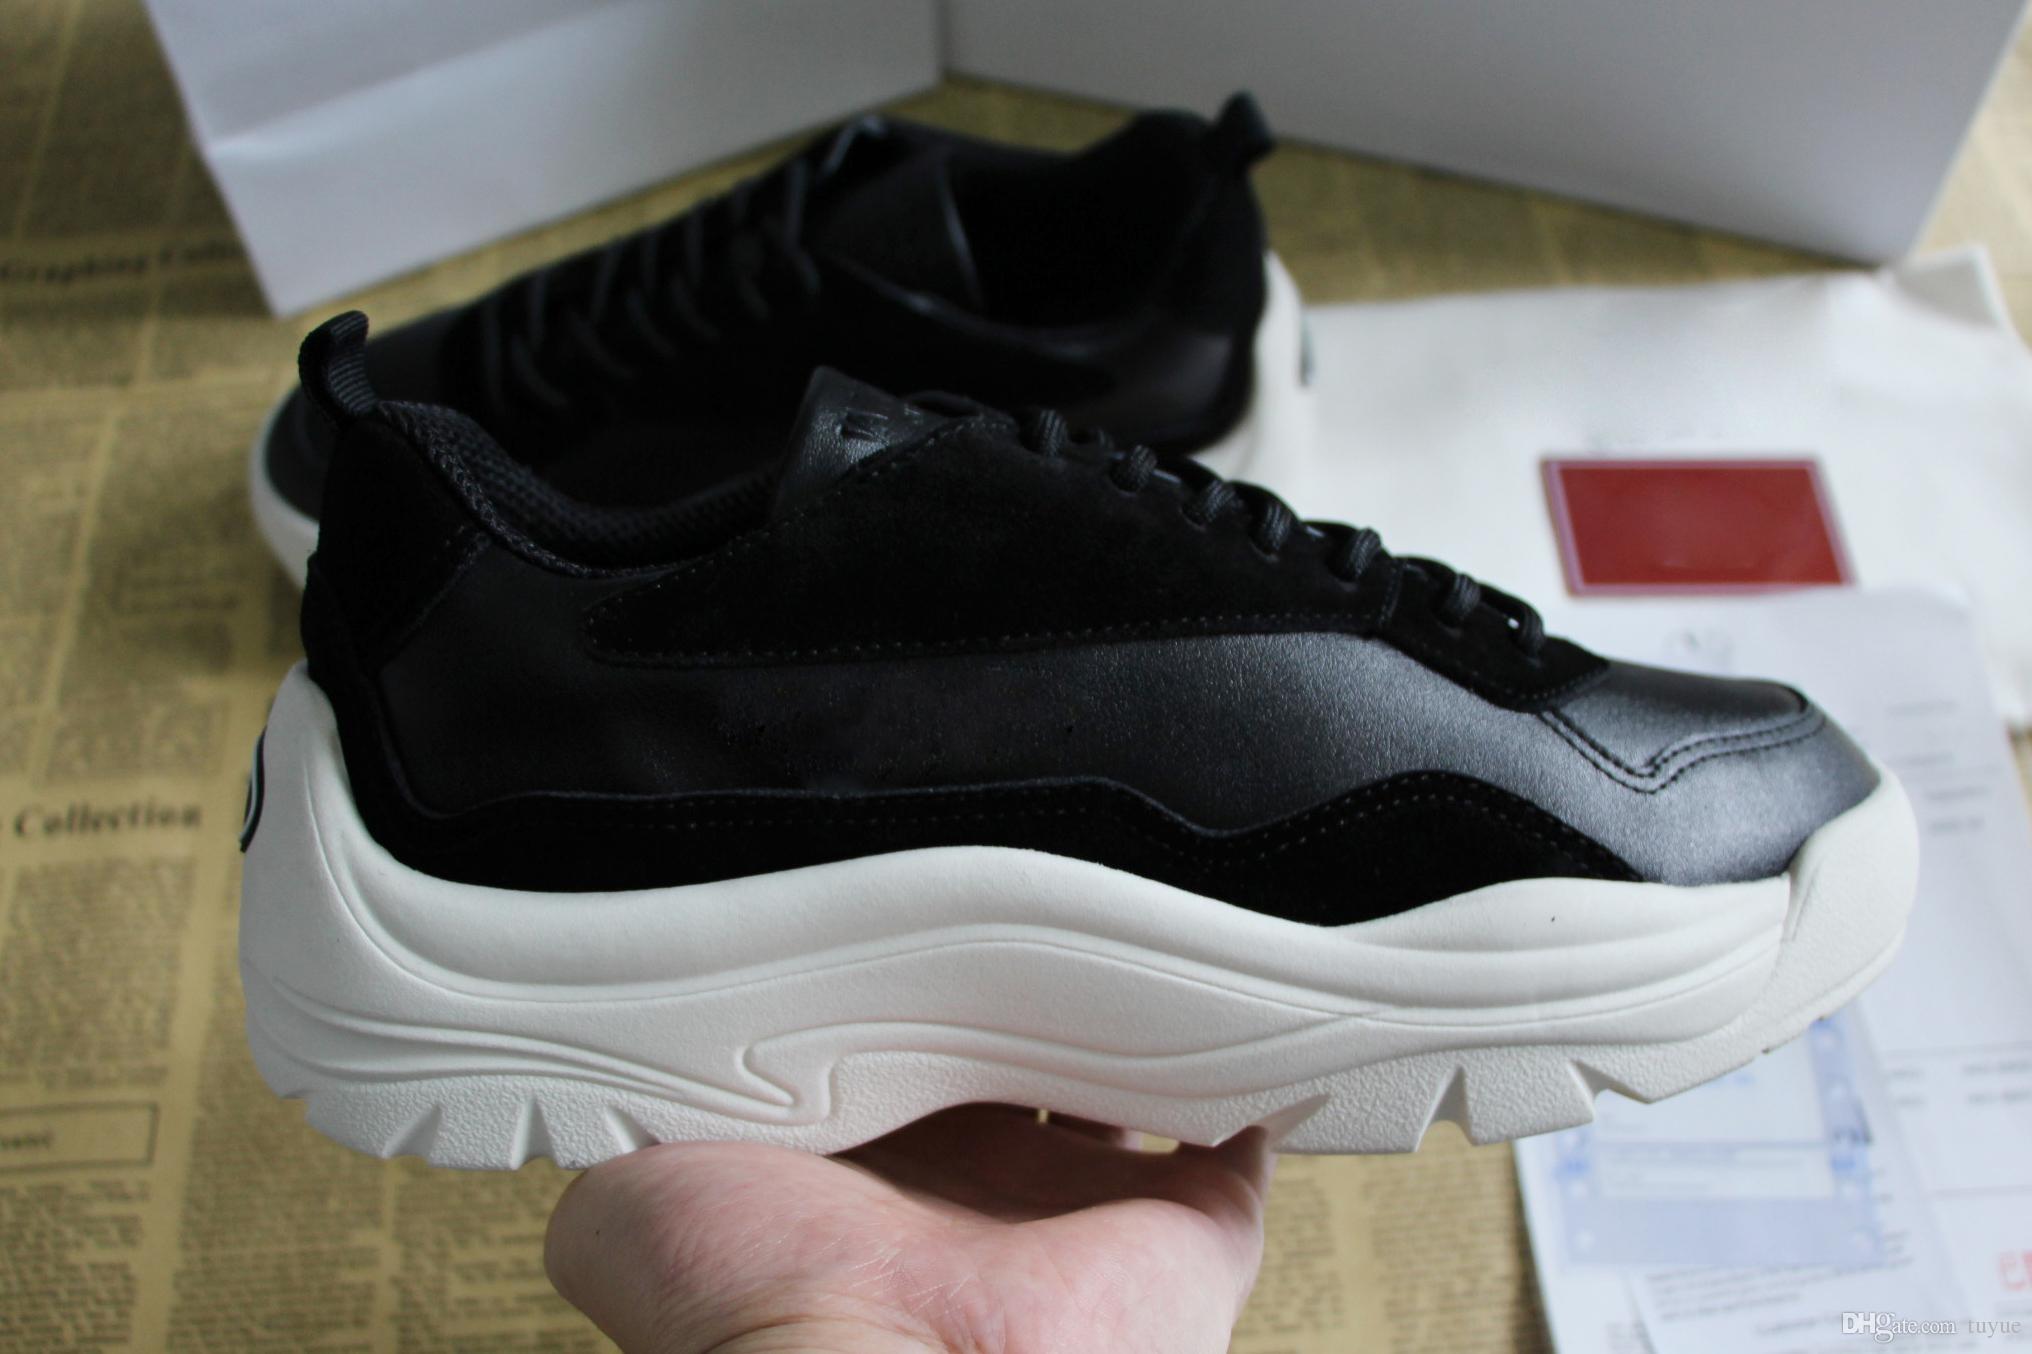 19933a5d Compre Nueva Moda Para Hombre Para Mujer Zapatos De Diseño De Zapatillas De  Cuero Marca Luxuxy Suela De Goma Ligera Zapatillas De Deporte Para Hombres  ...